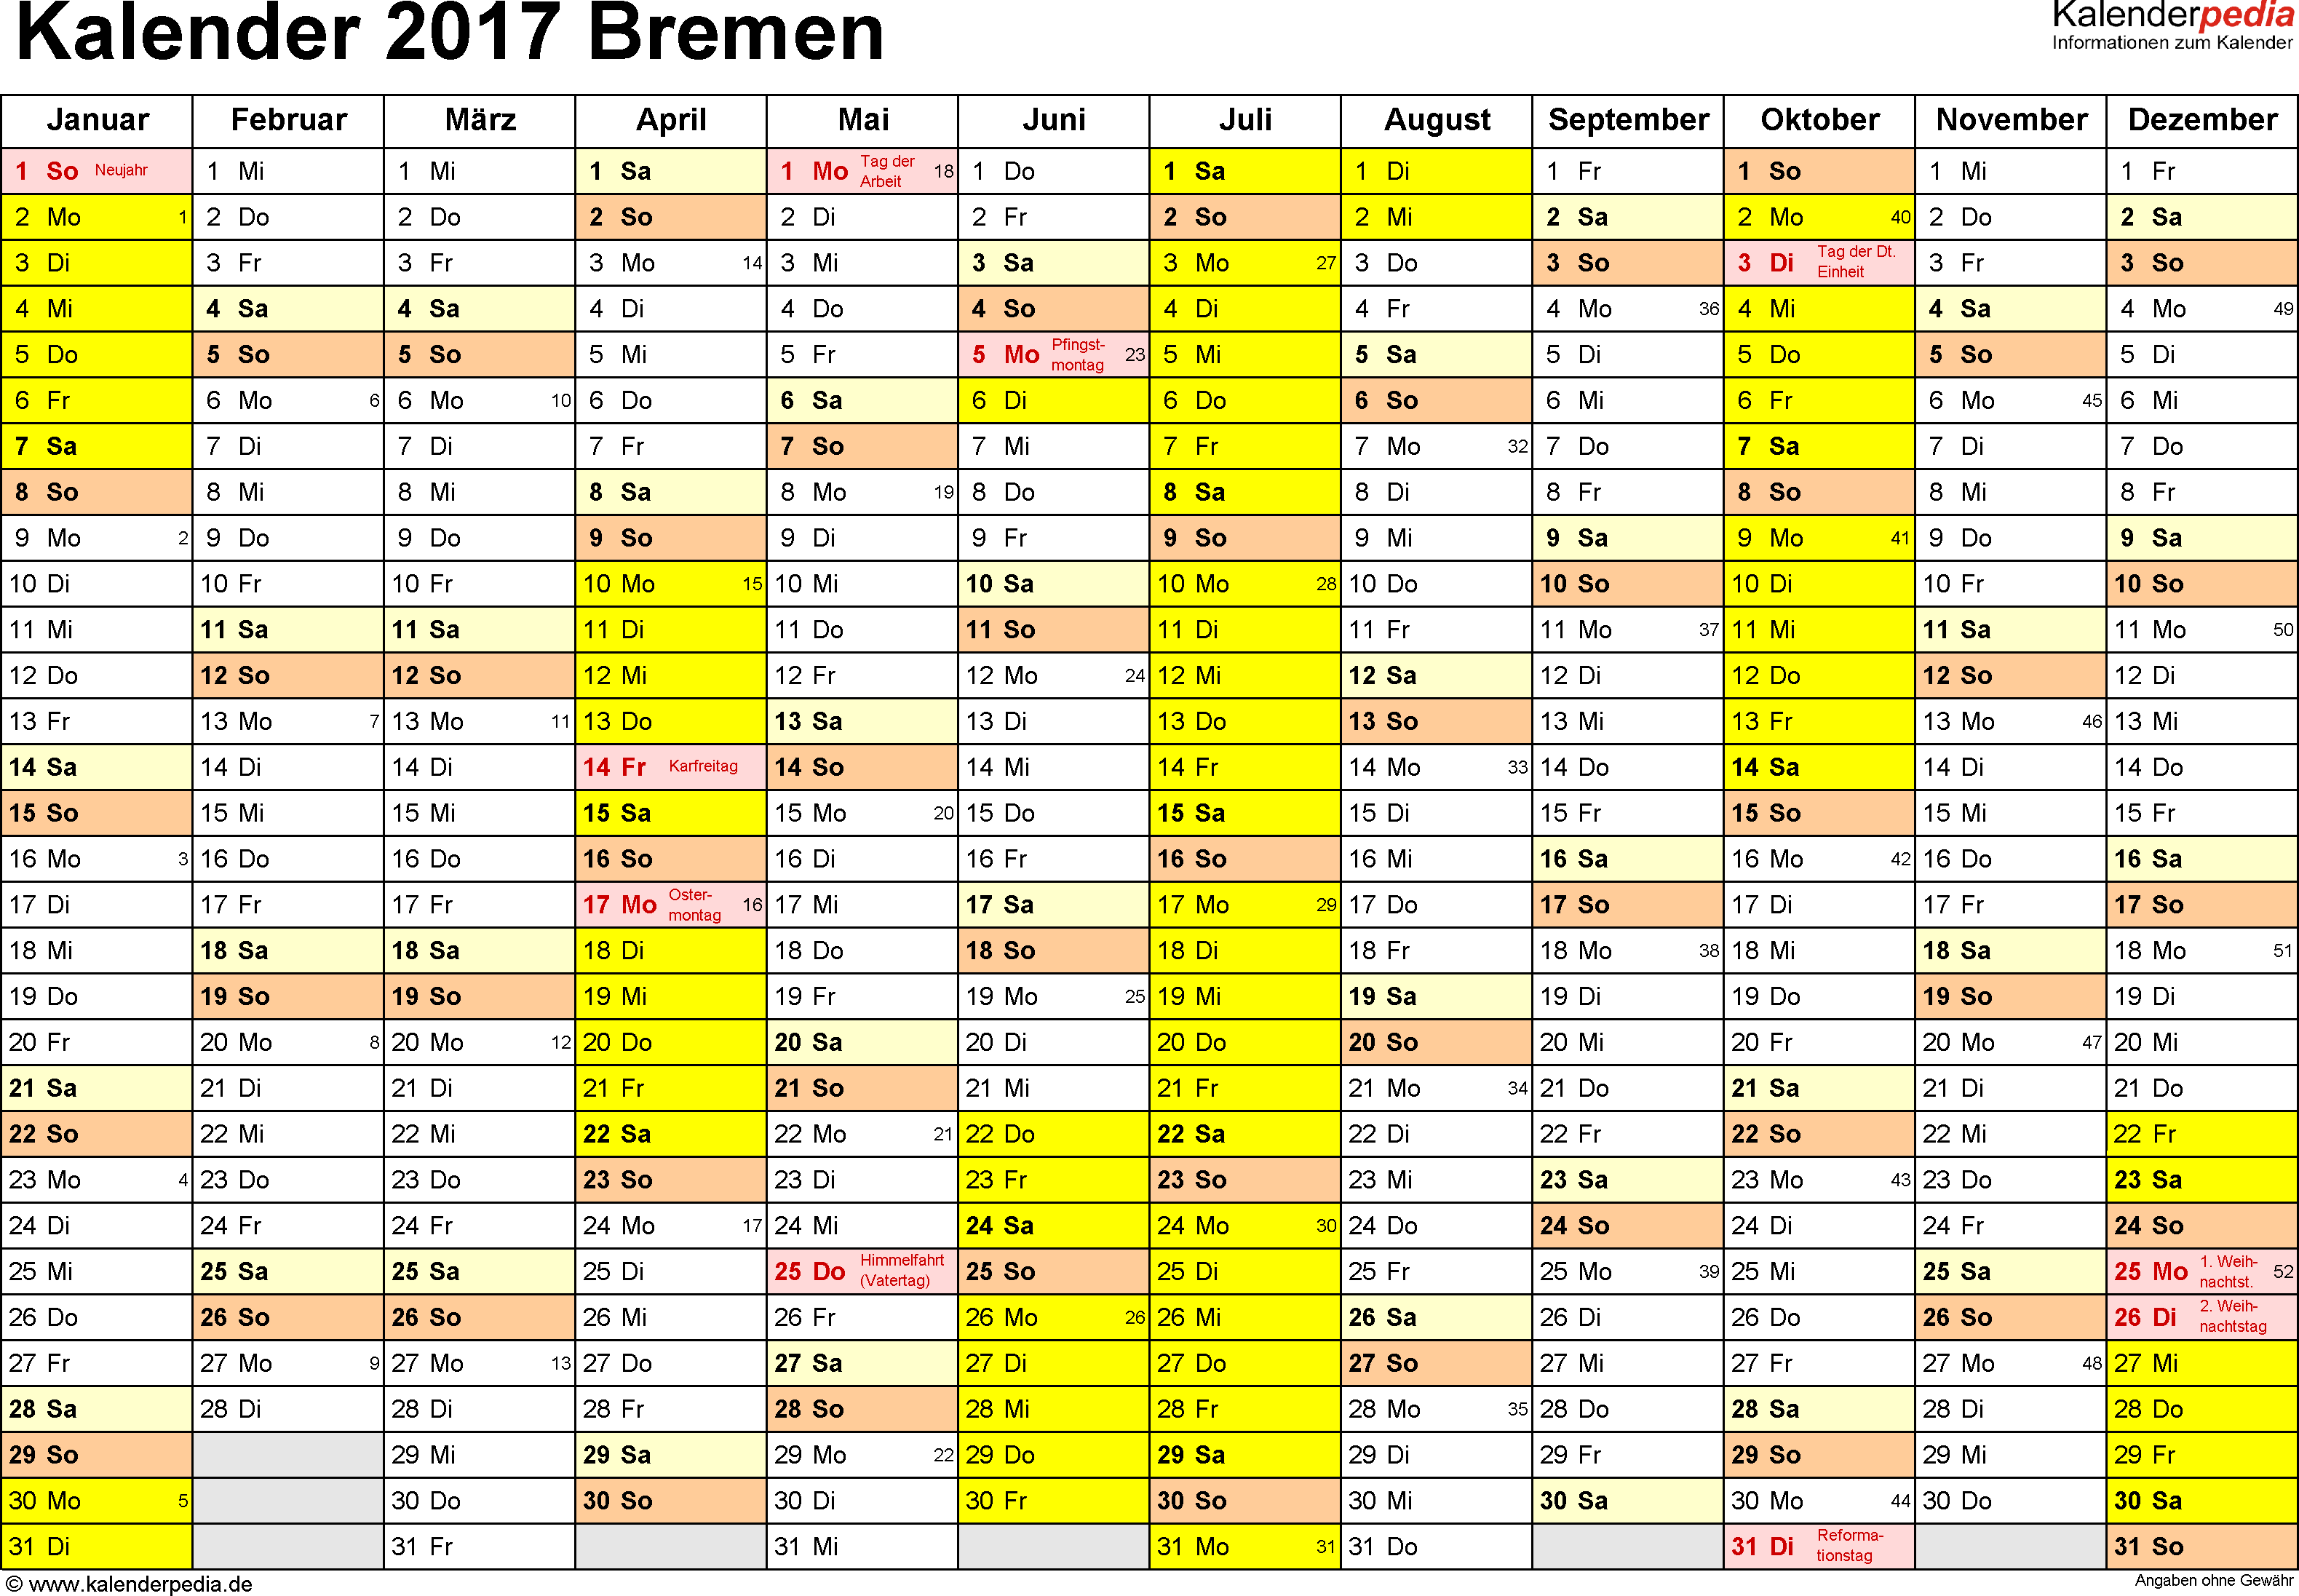 Kalender 2017 Bremen